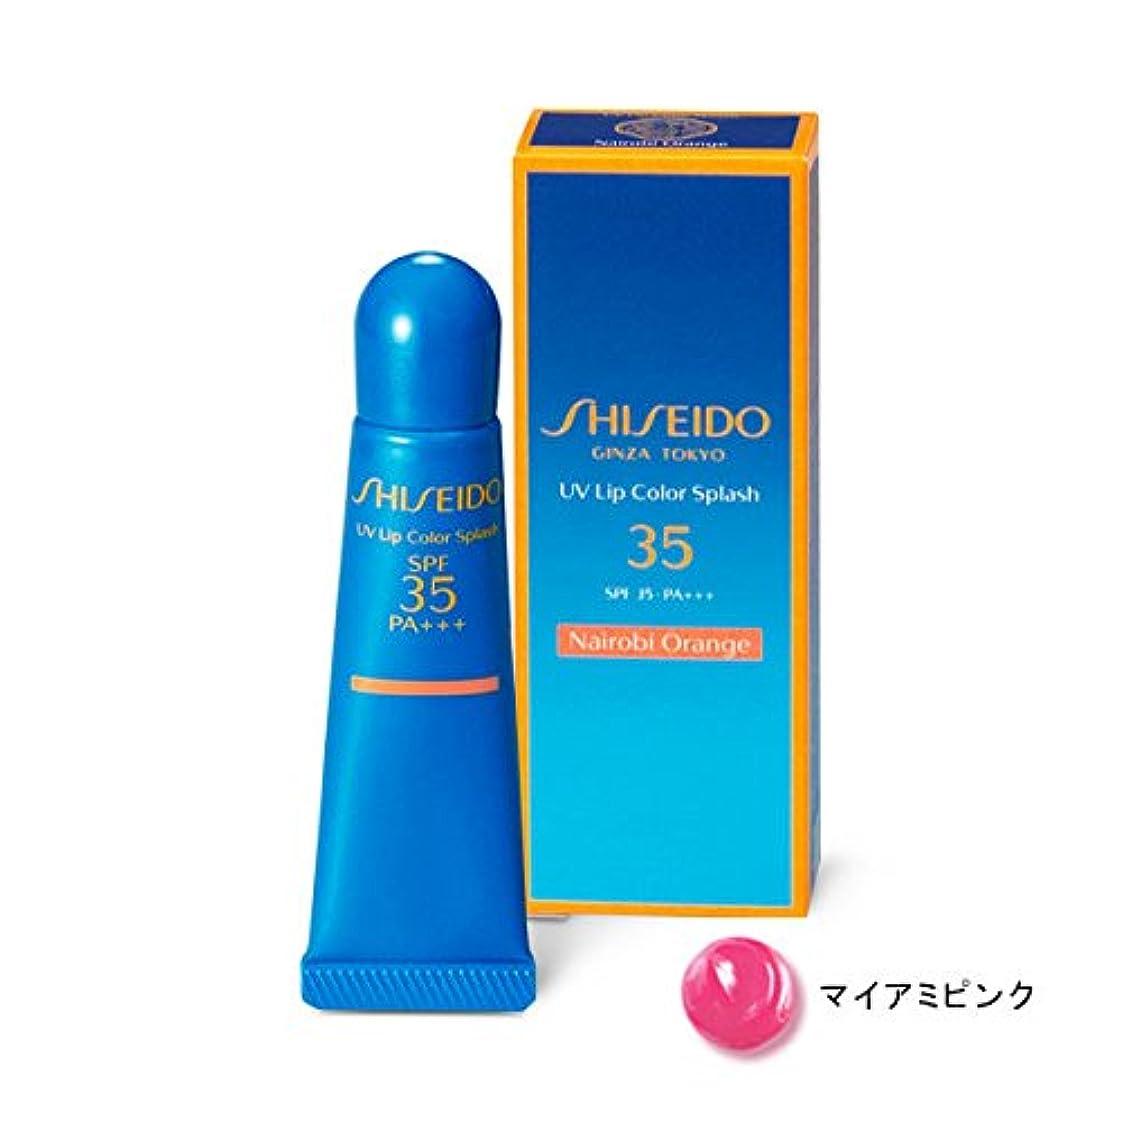 留まるストリーム十一SHISEIDO Suncare(資生堂 サンケア) SHISEIDO(資生堂) UVリップカラースプラッシュ (マイアミピンク)